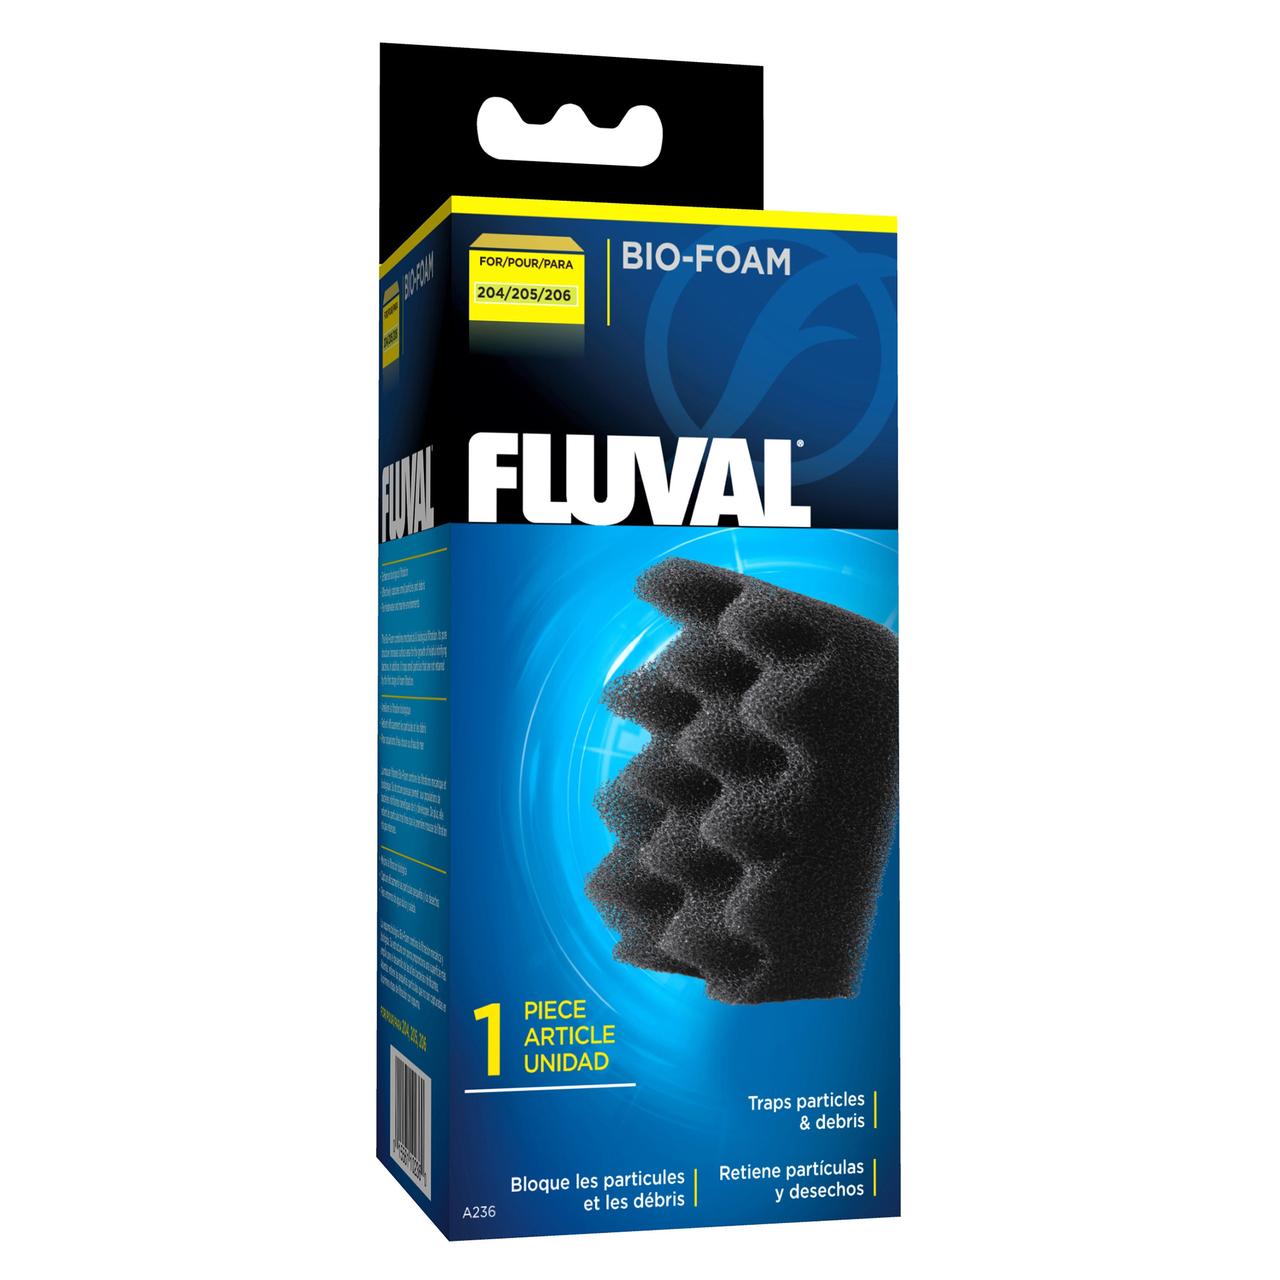 Губка Fluval «Bio-Foam» (для внешнего фильтра Fluval 204 / 205 / 206)